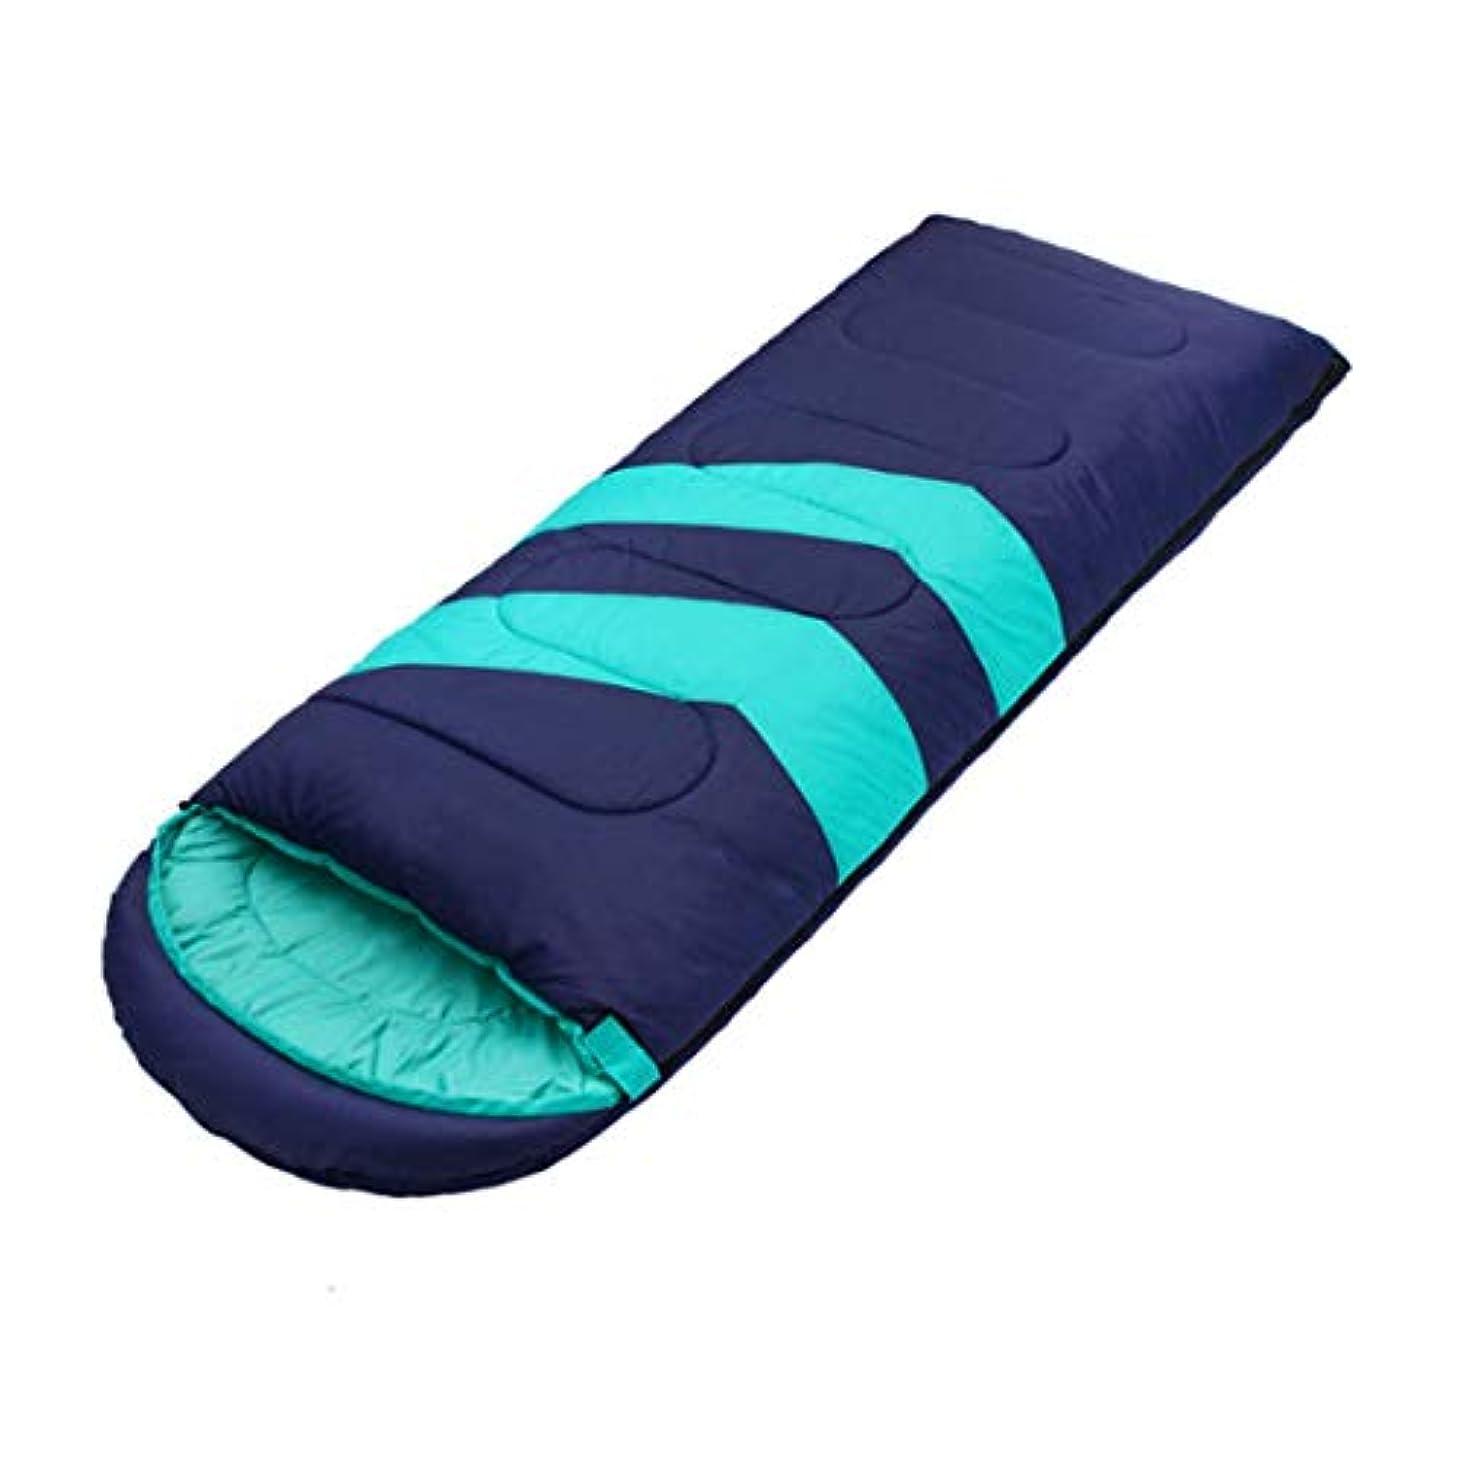 座る日常的にバングラデシュ寝袋屋外キャンプハイキング暖かい寝袋、大人と子供のための普遍的な